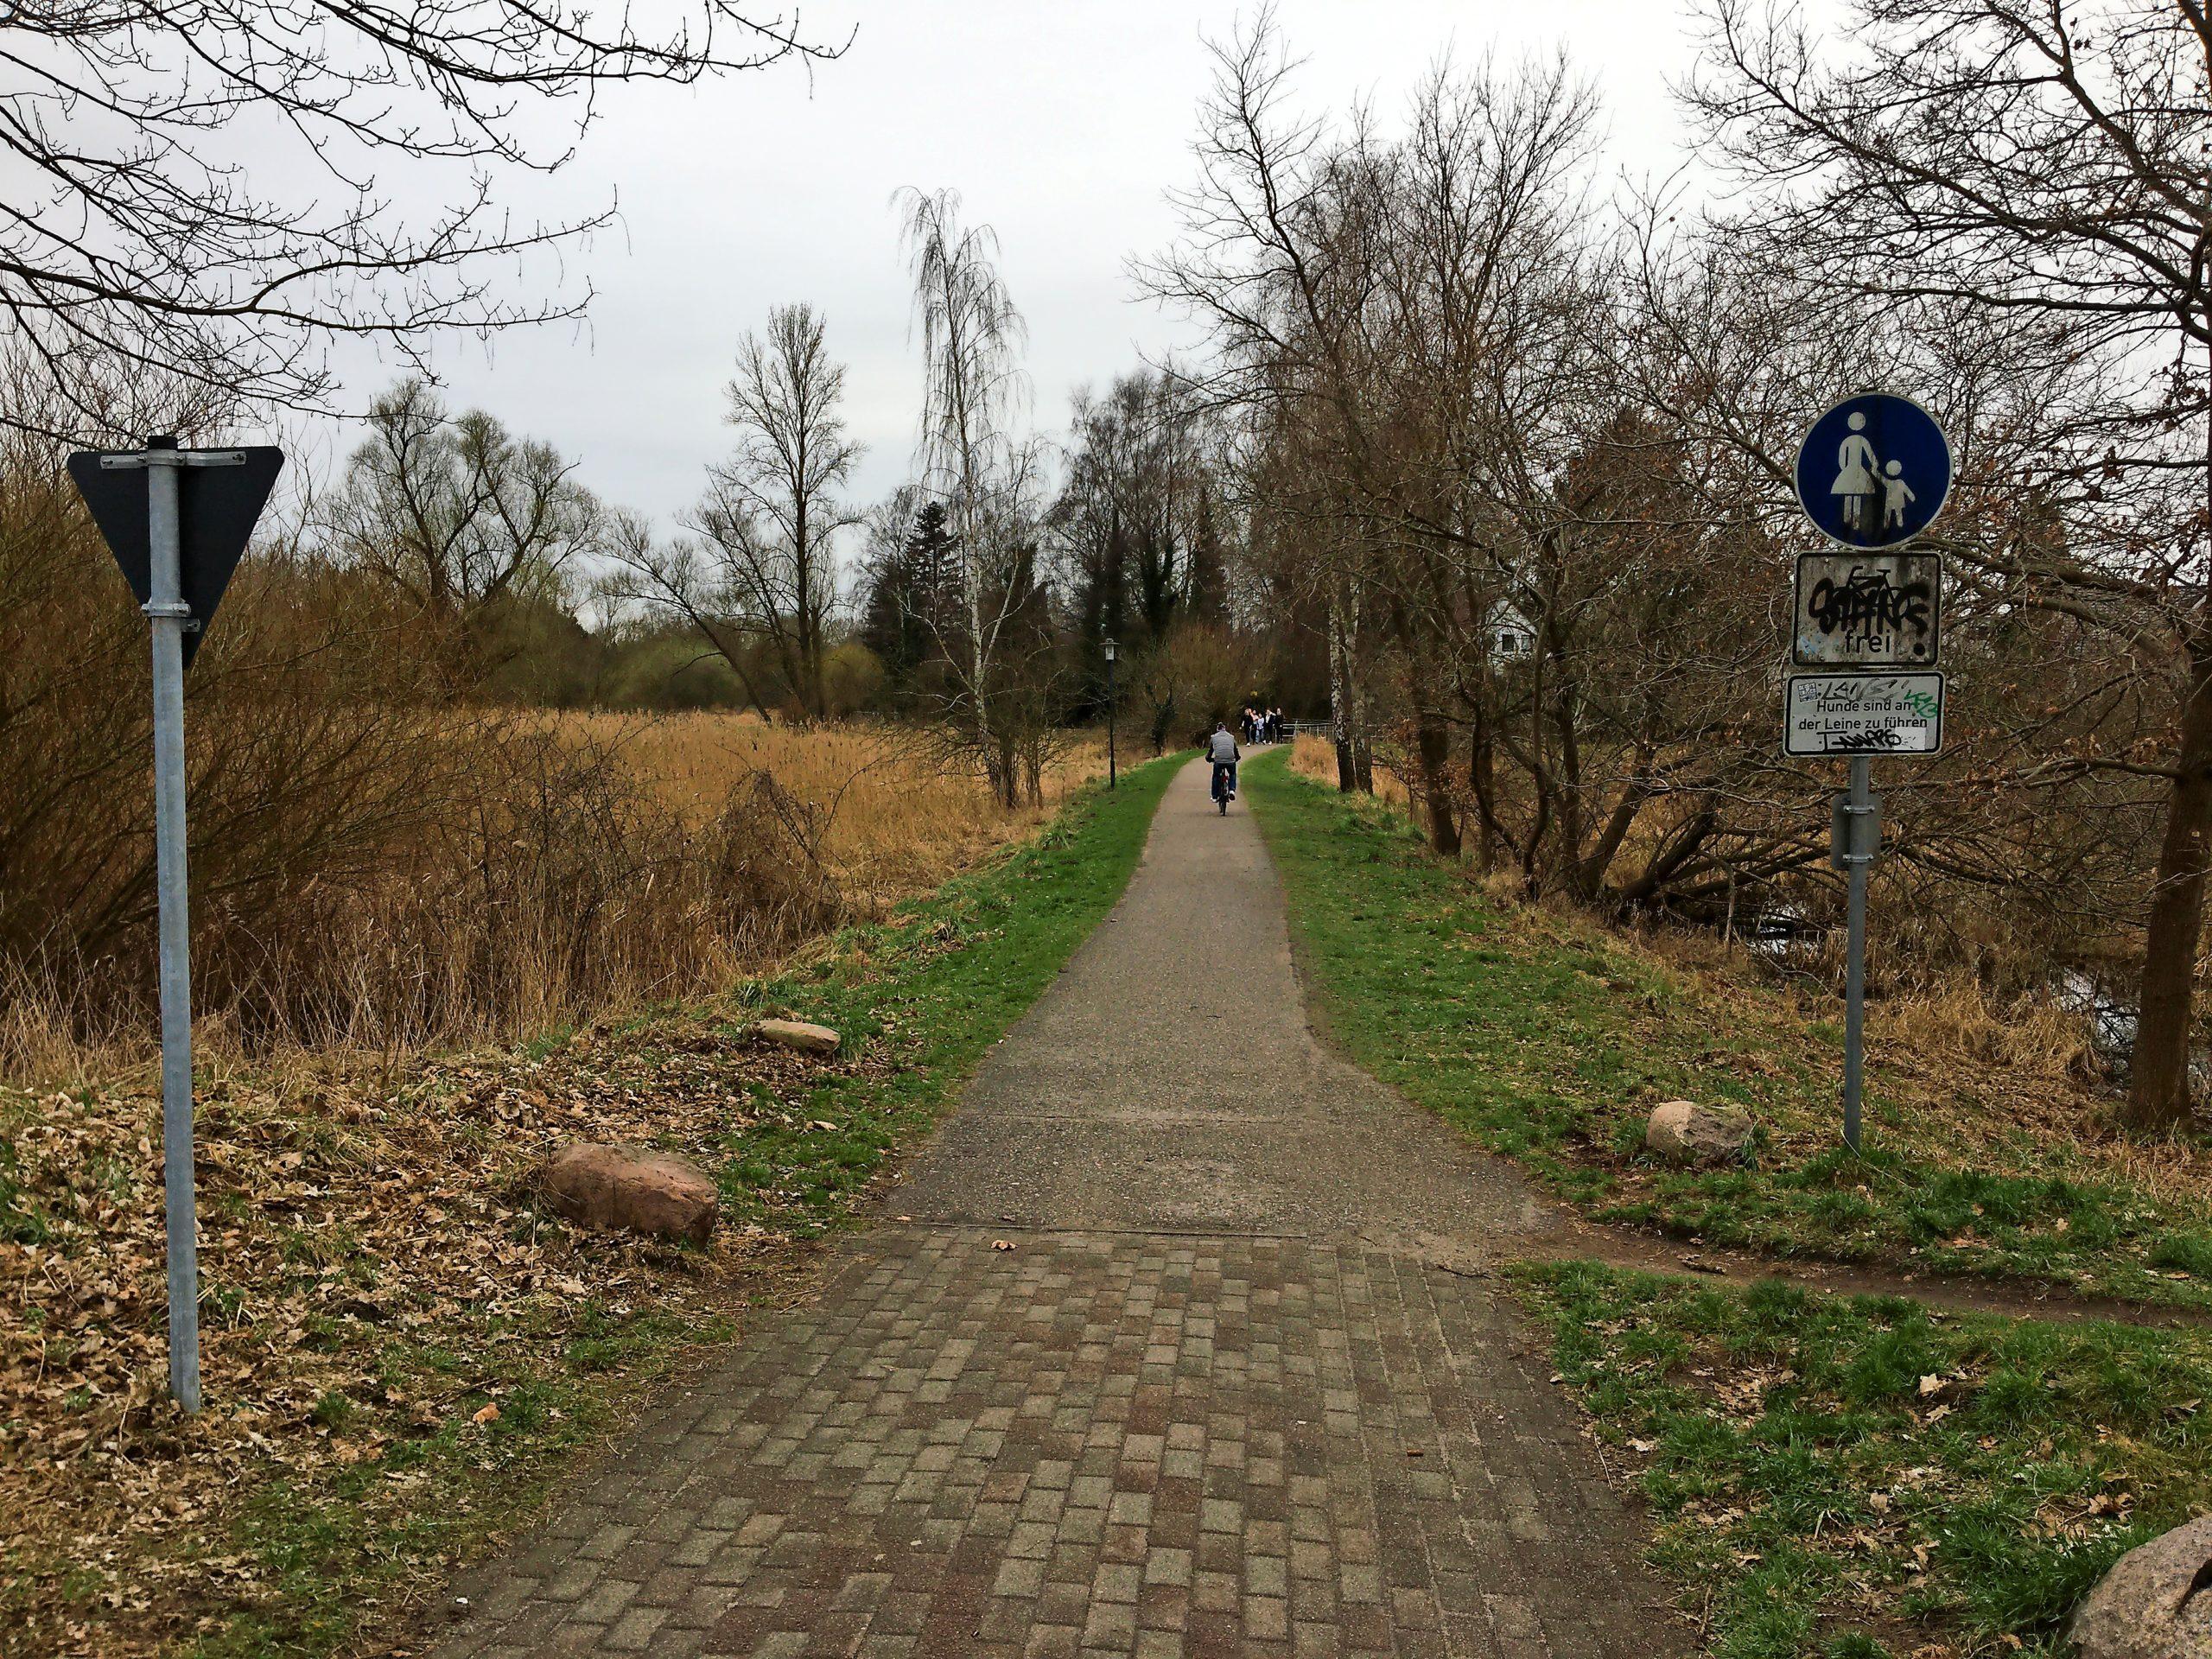 Bad Schwartau soll fahrradfreundlicher werden. Ein Baustein auf dem Weg dorthin: der Ausbau der Geh- und Radwege im Moorwisch- und Bürgerpark.